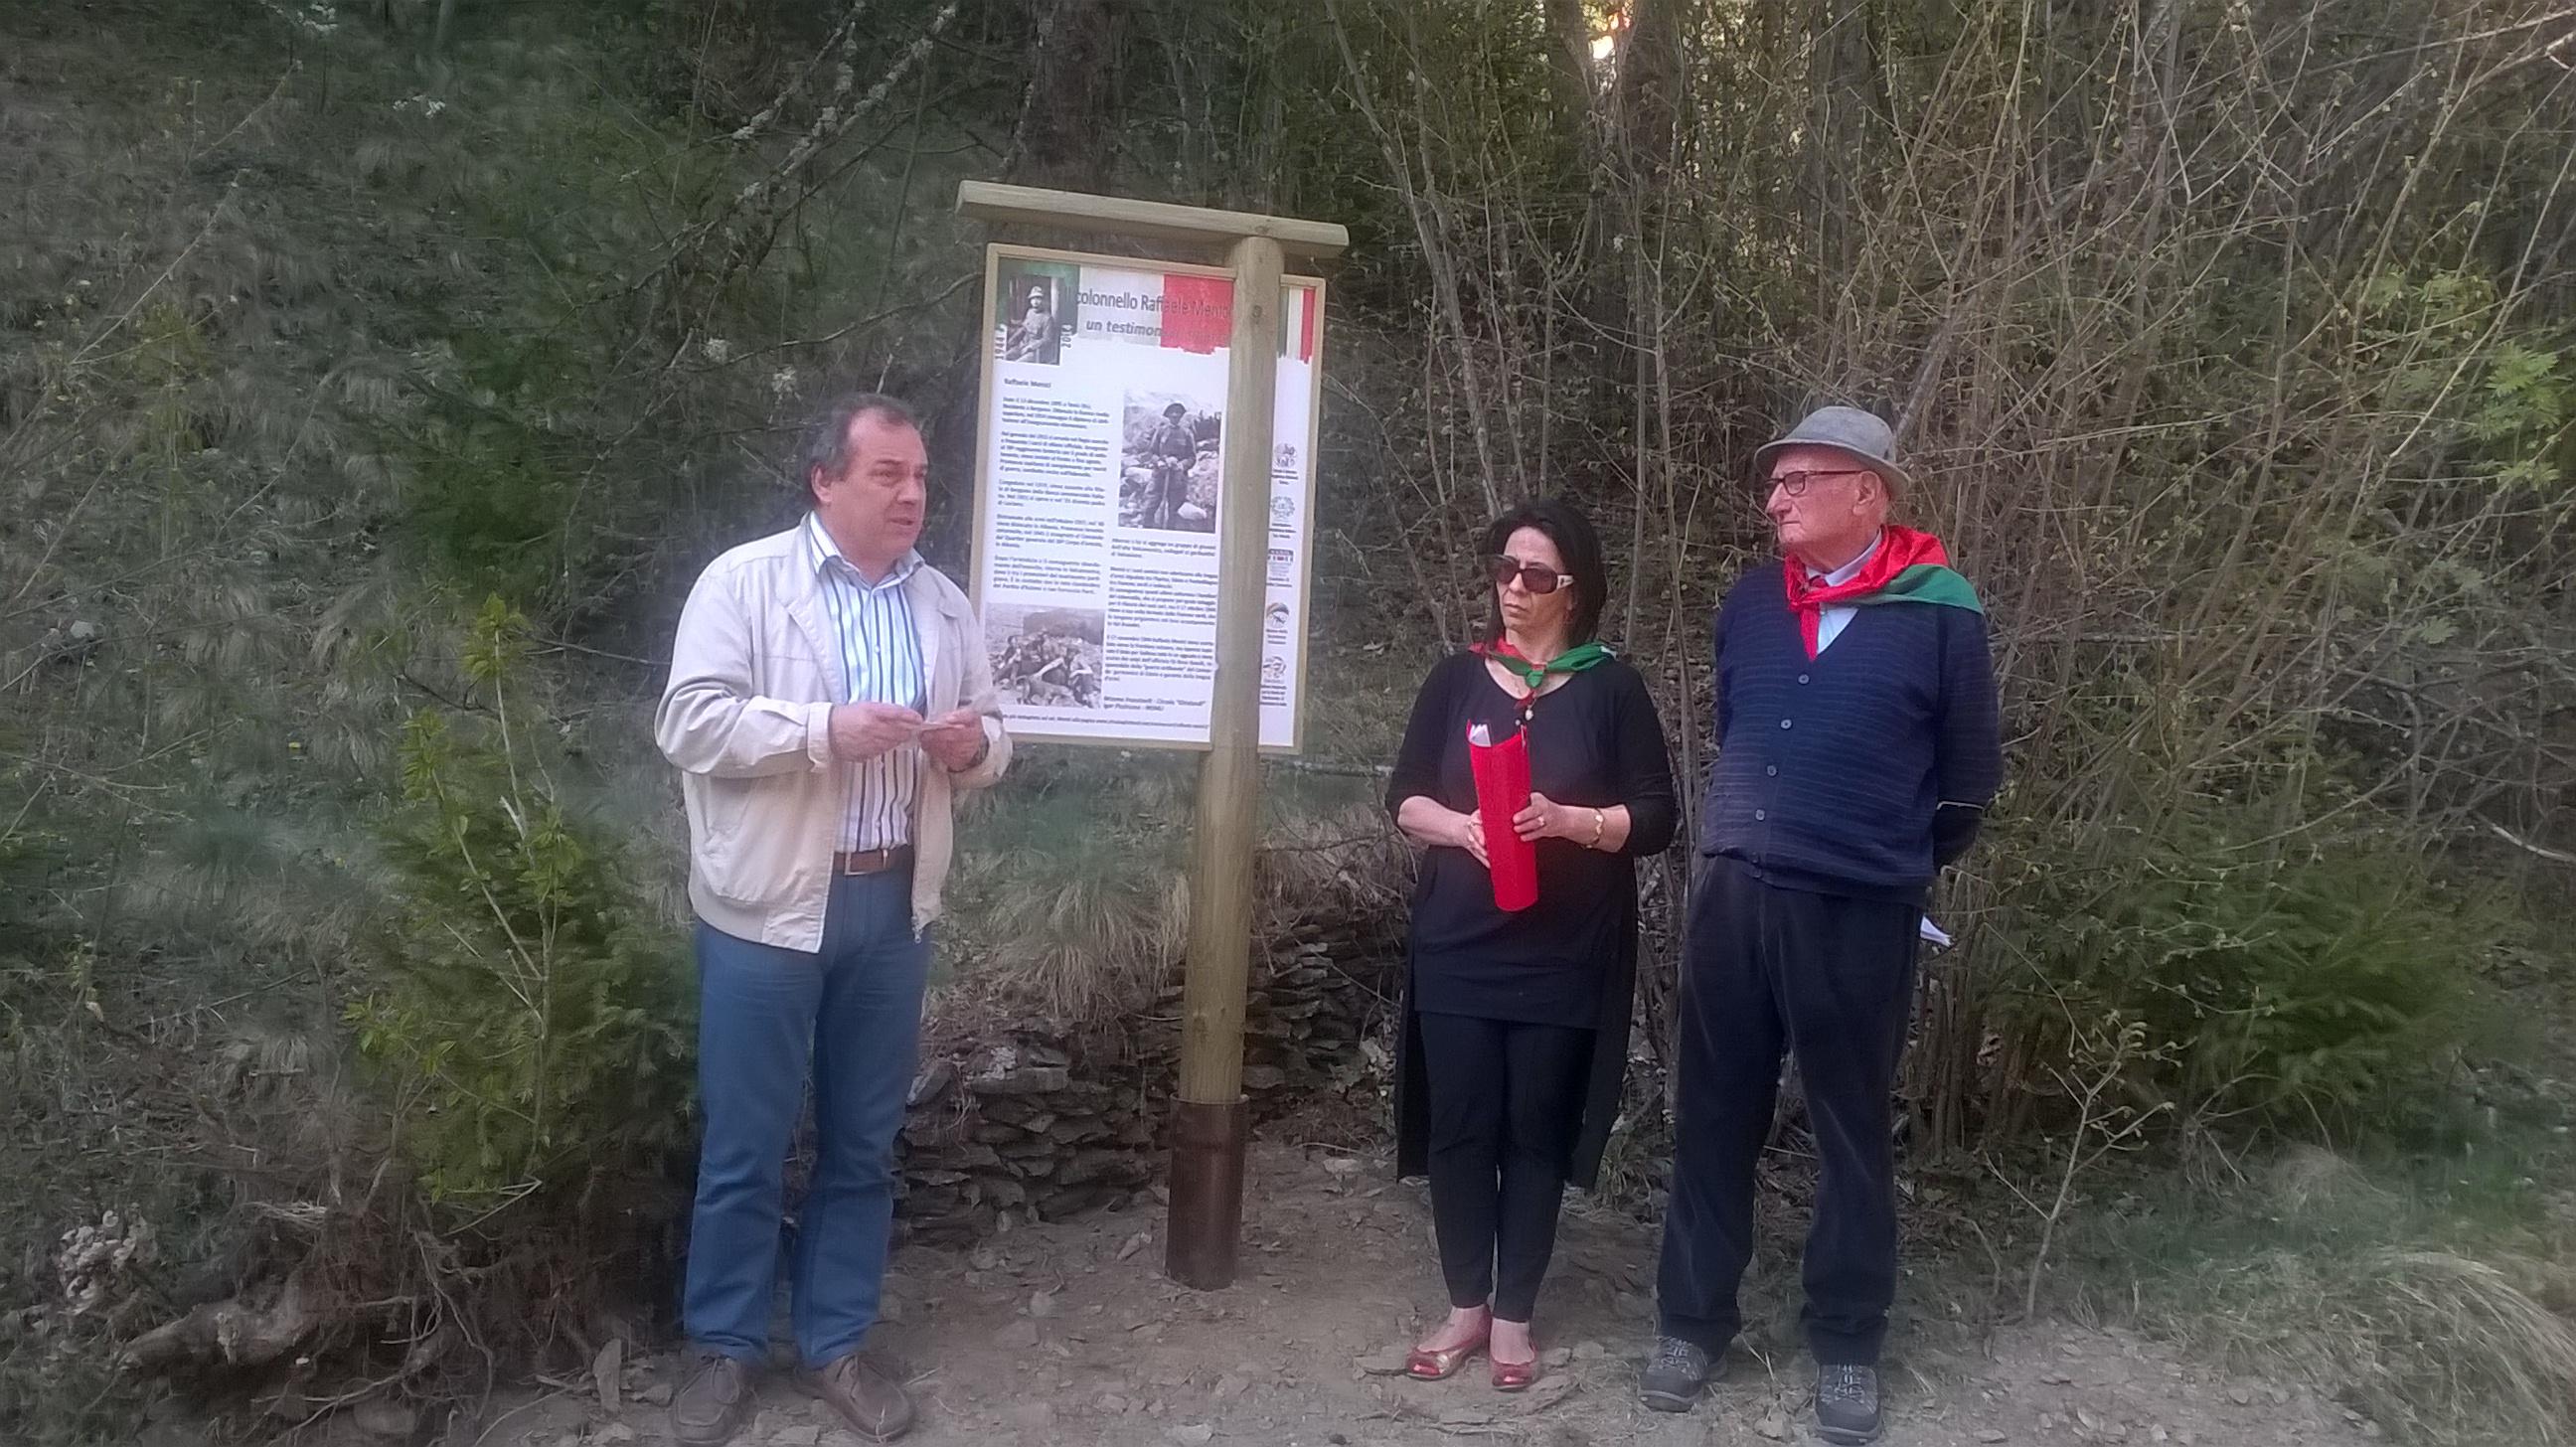 inaugurazione Bacheca Menici_Corteno24 aprile 2015_13.jpg